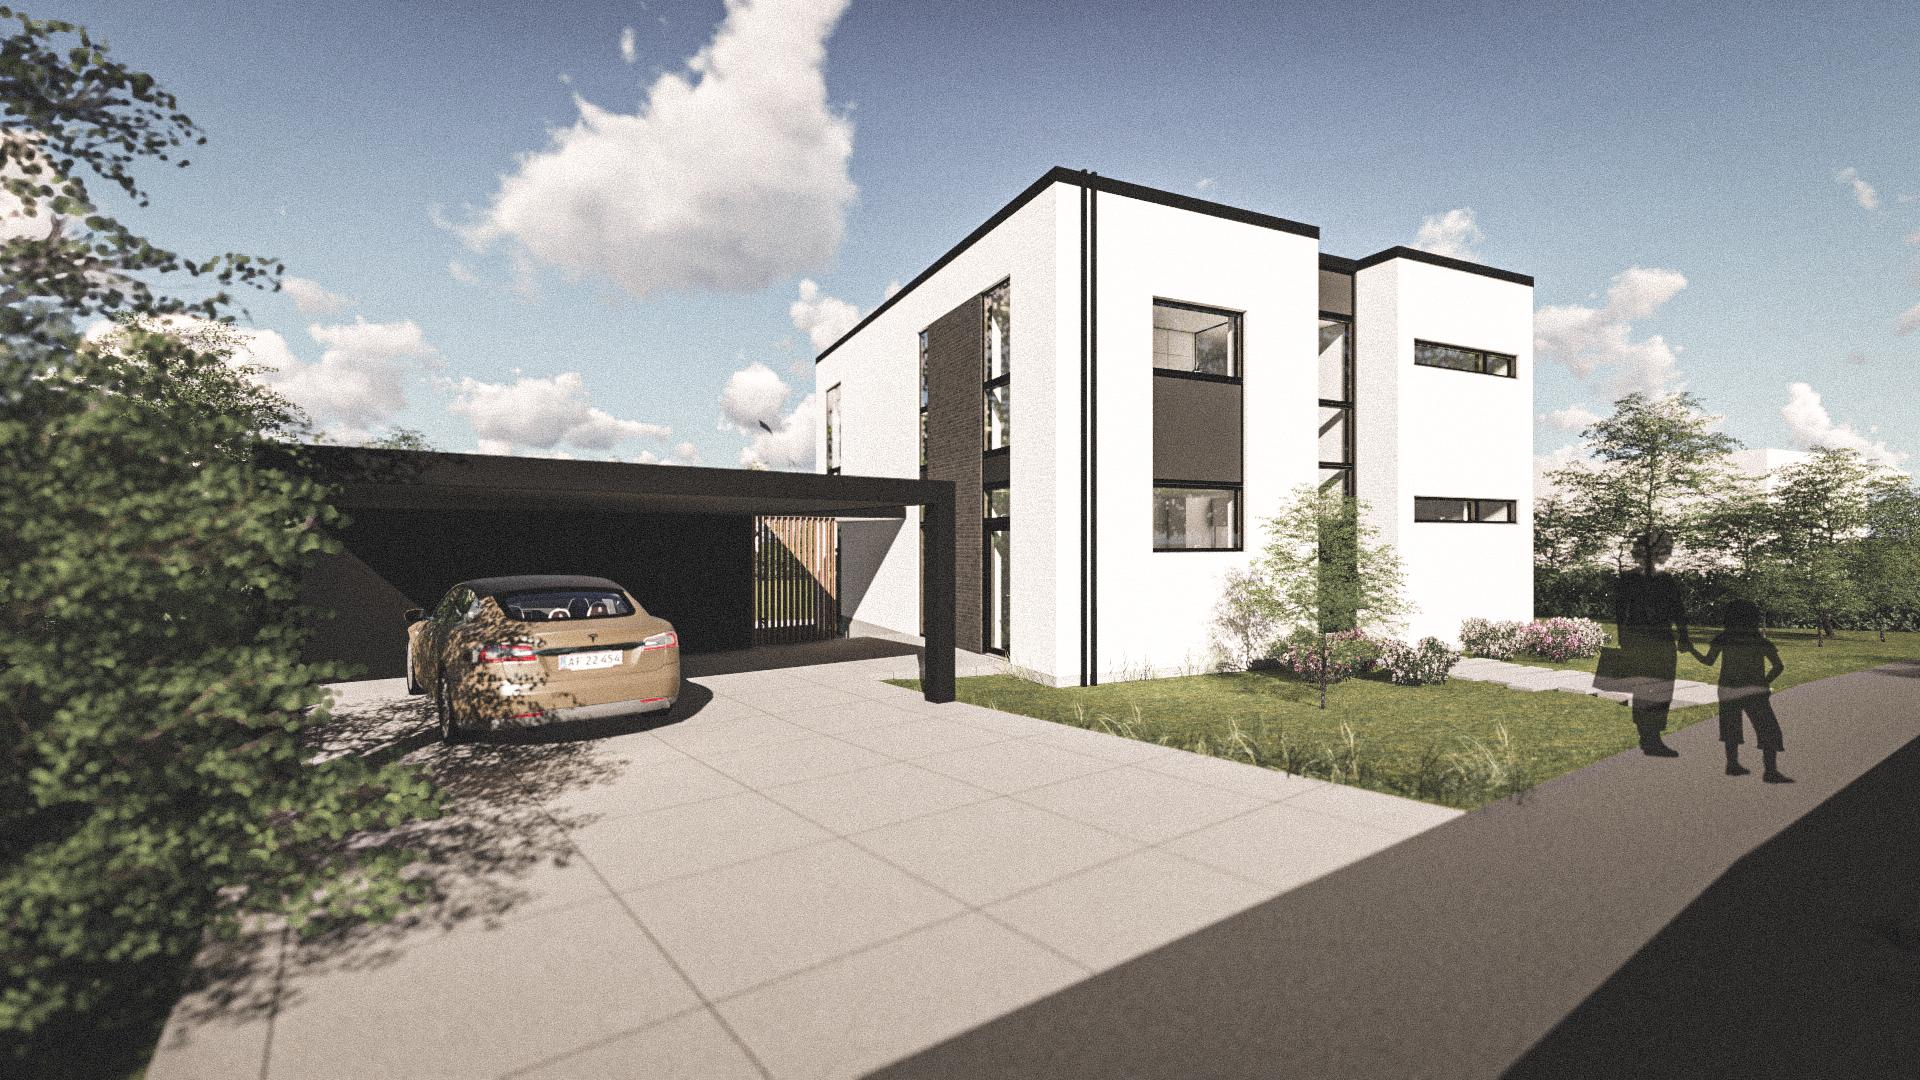 Billede af Dansk arkitekttegnet 2 plan villa af arkitektfirmaet m2plus, i ODENSE på 227 kvartratmeter.